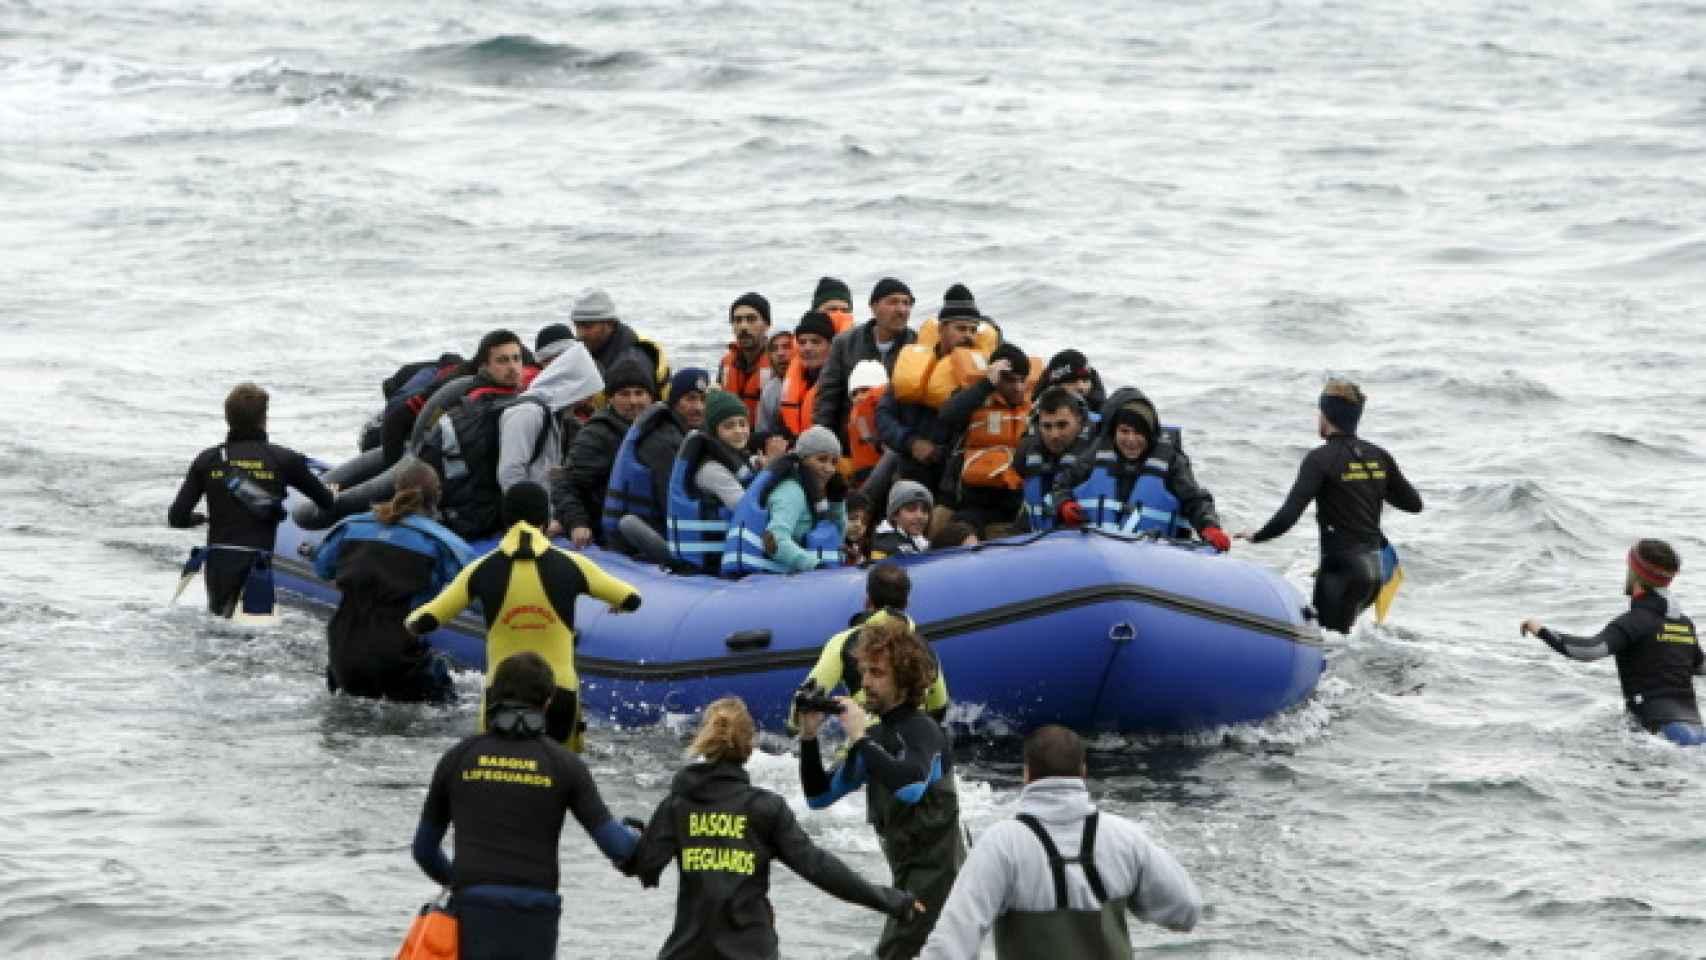 Imagen de una patera llegando a las costas de Lesbos